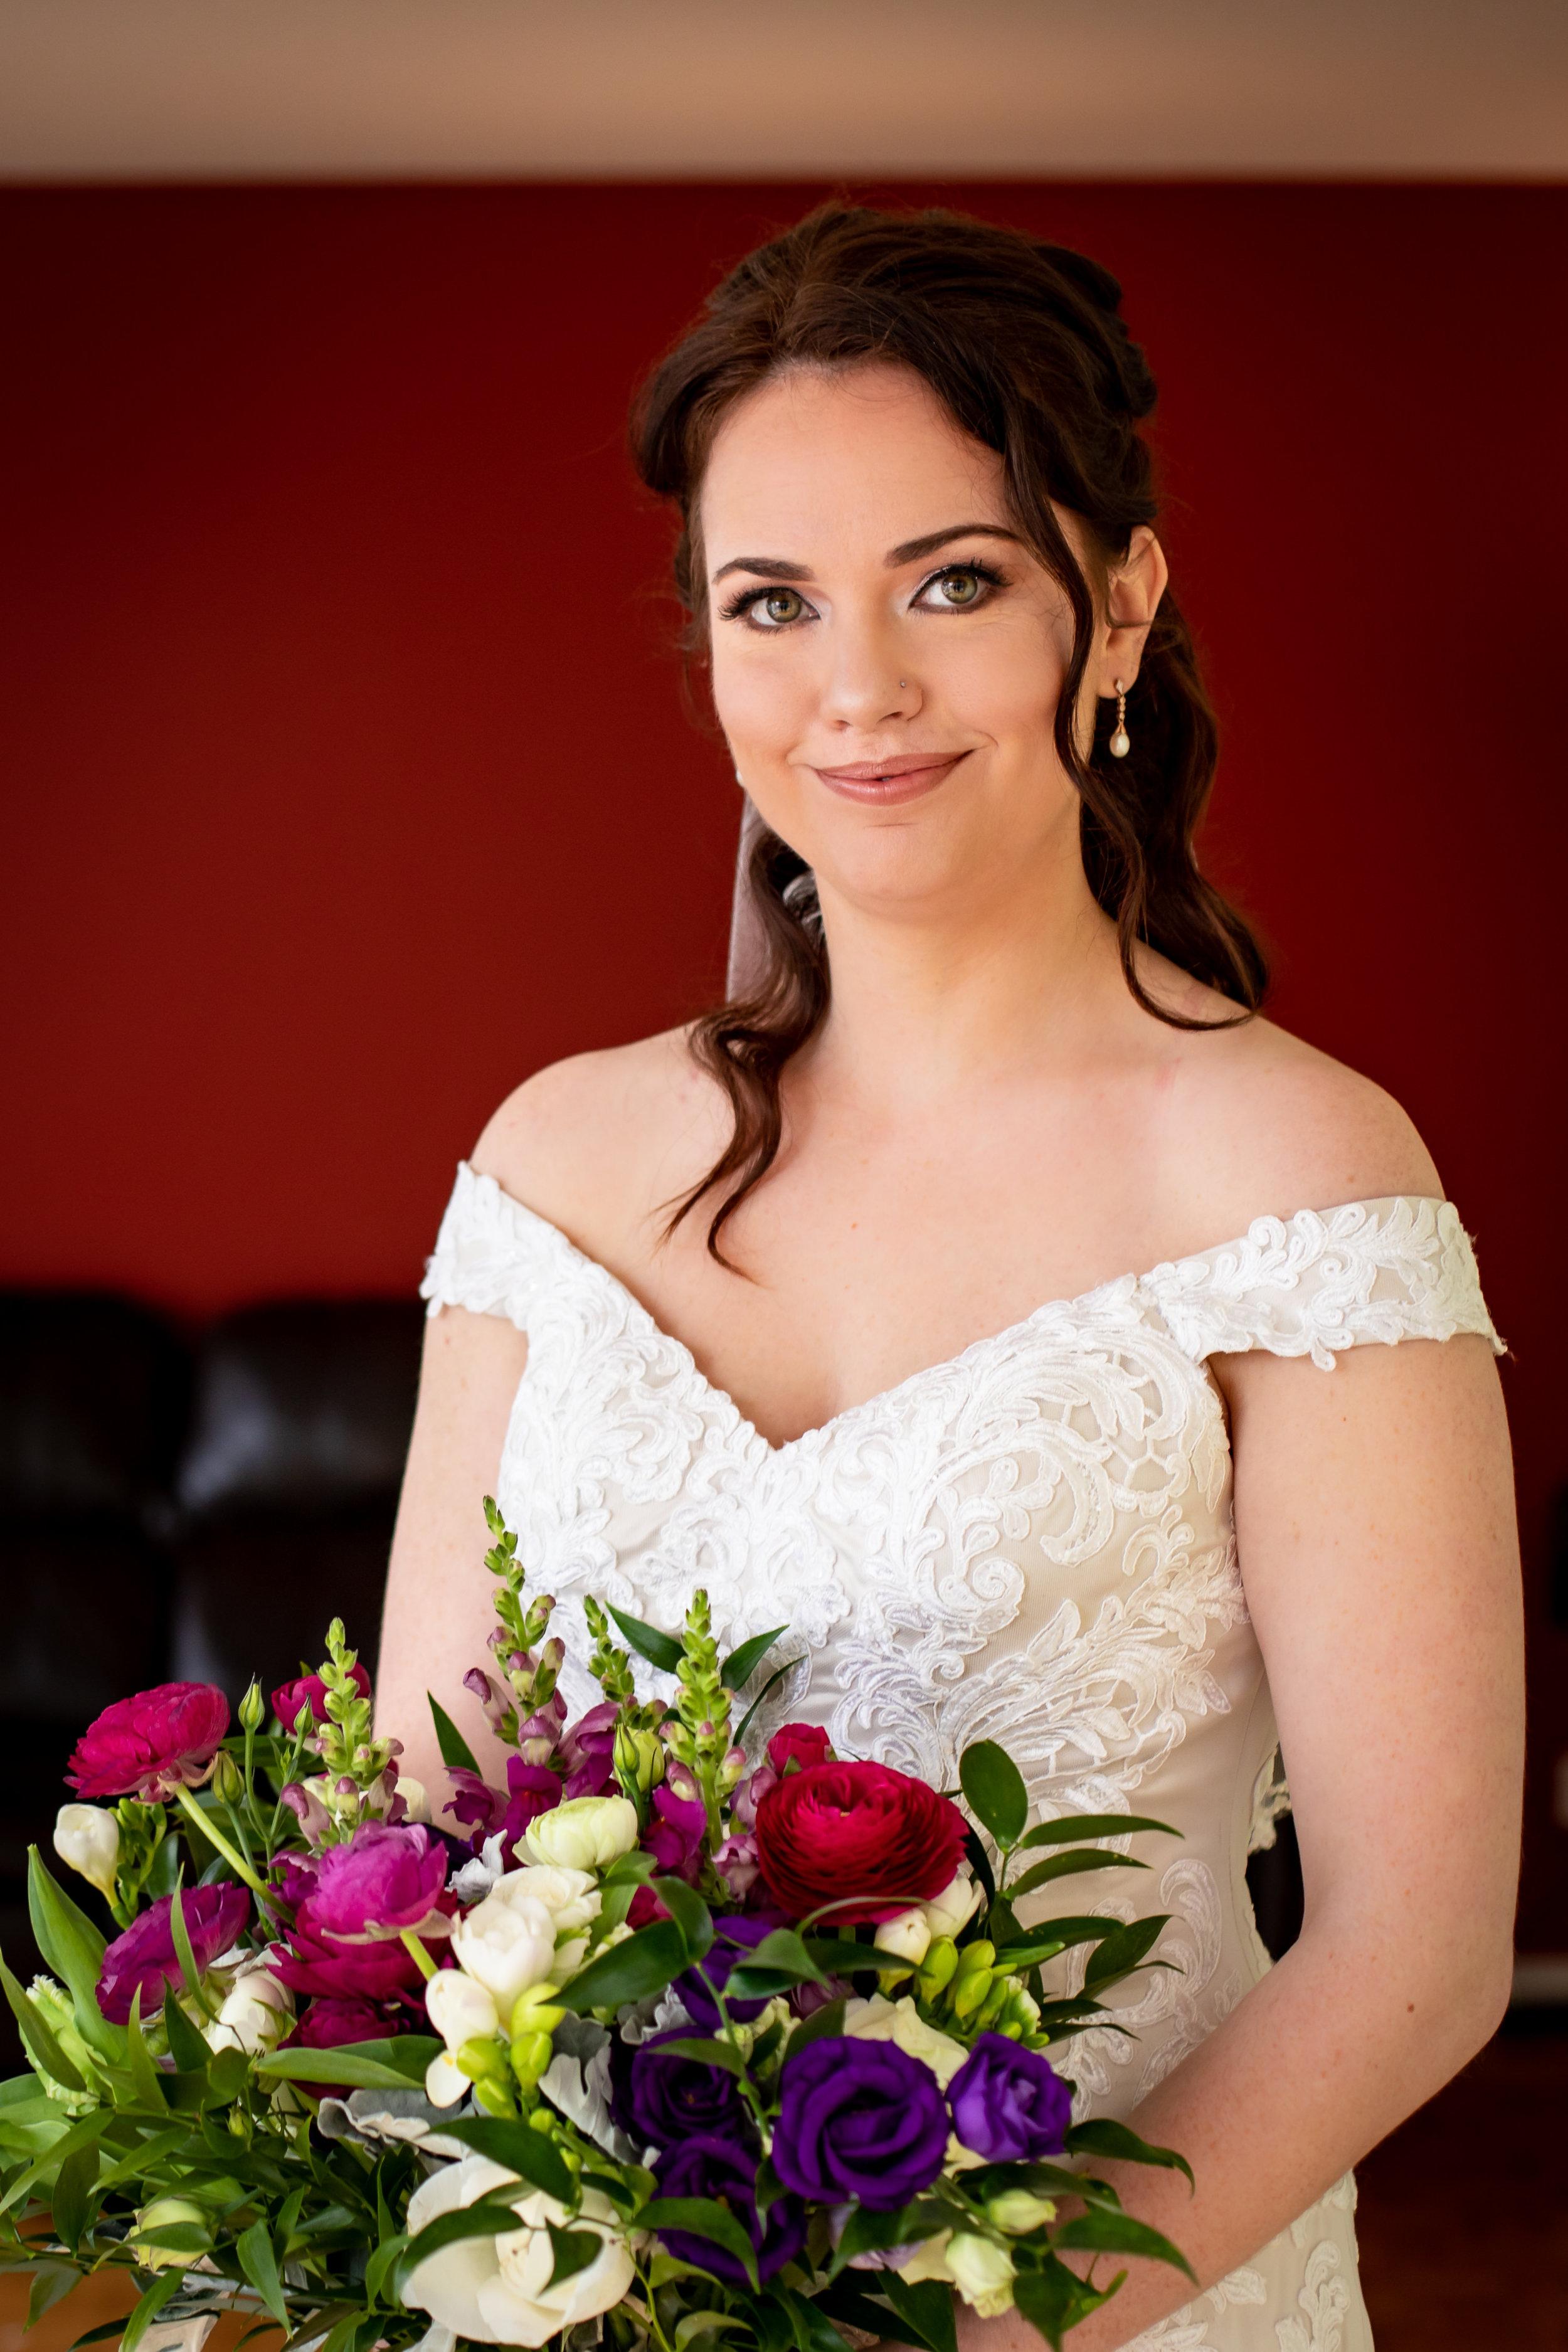 YMG-wedding-photos-25.jpg